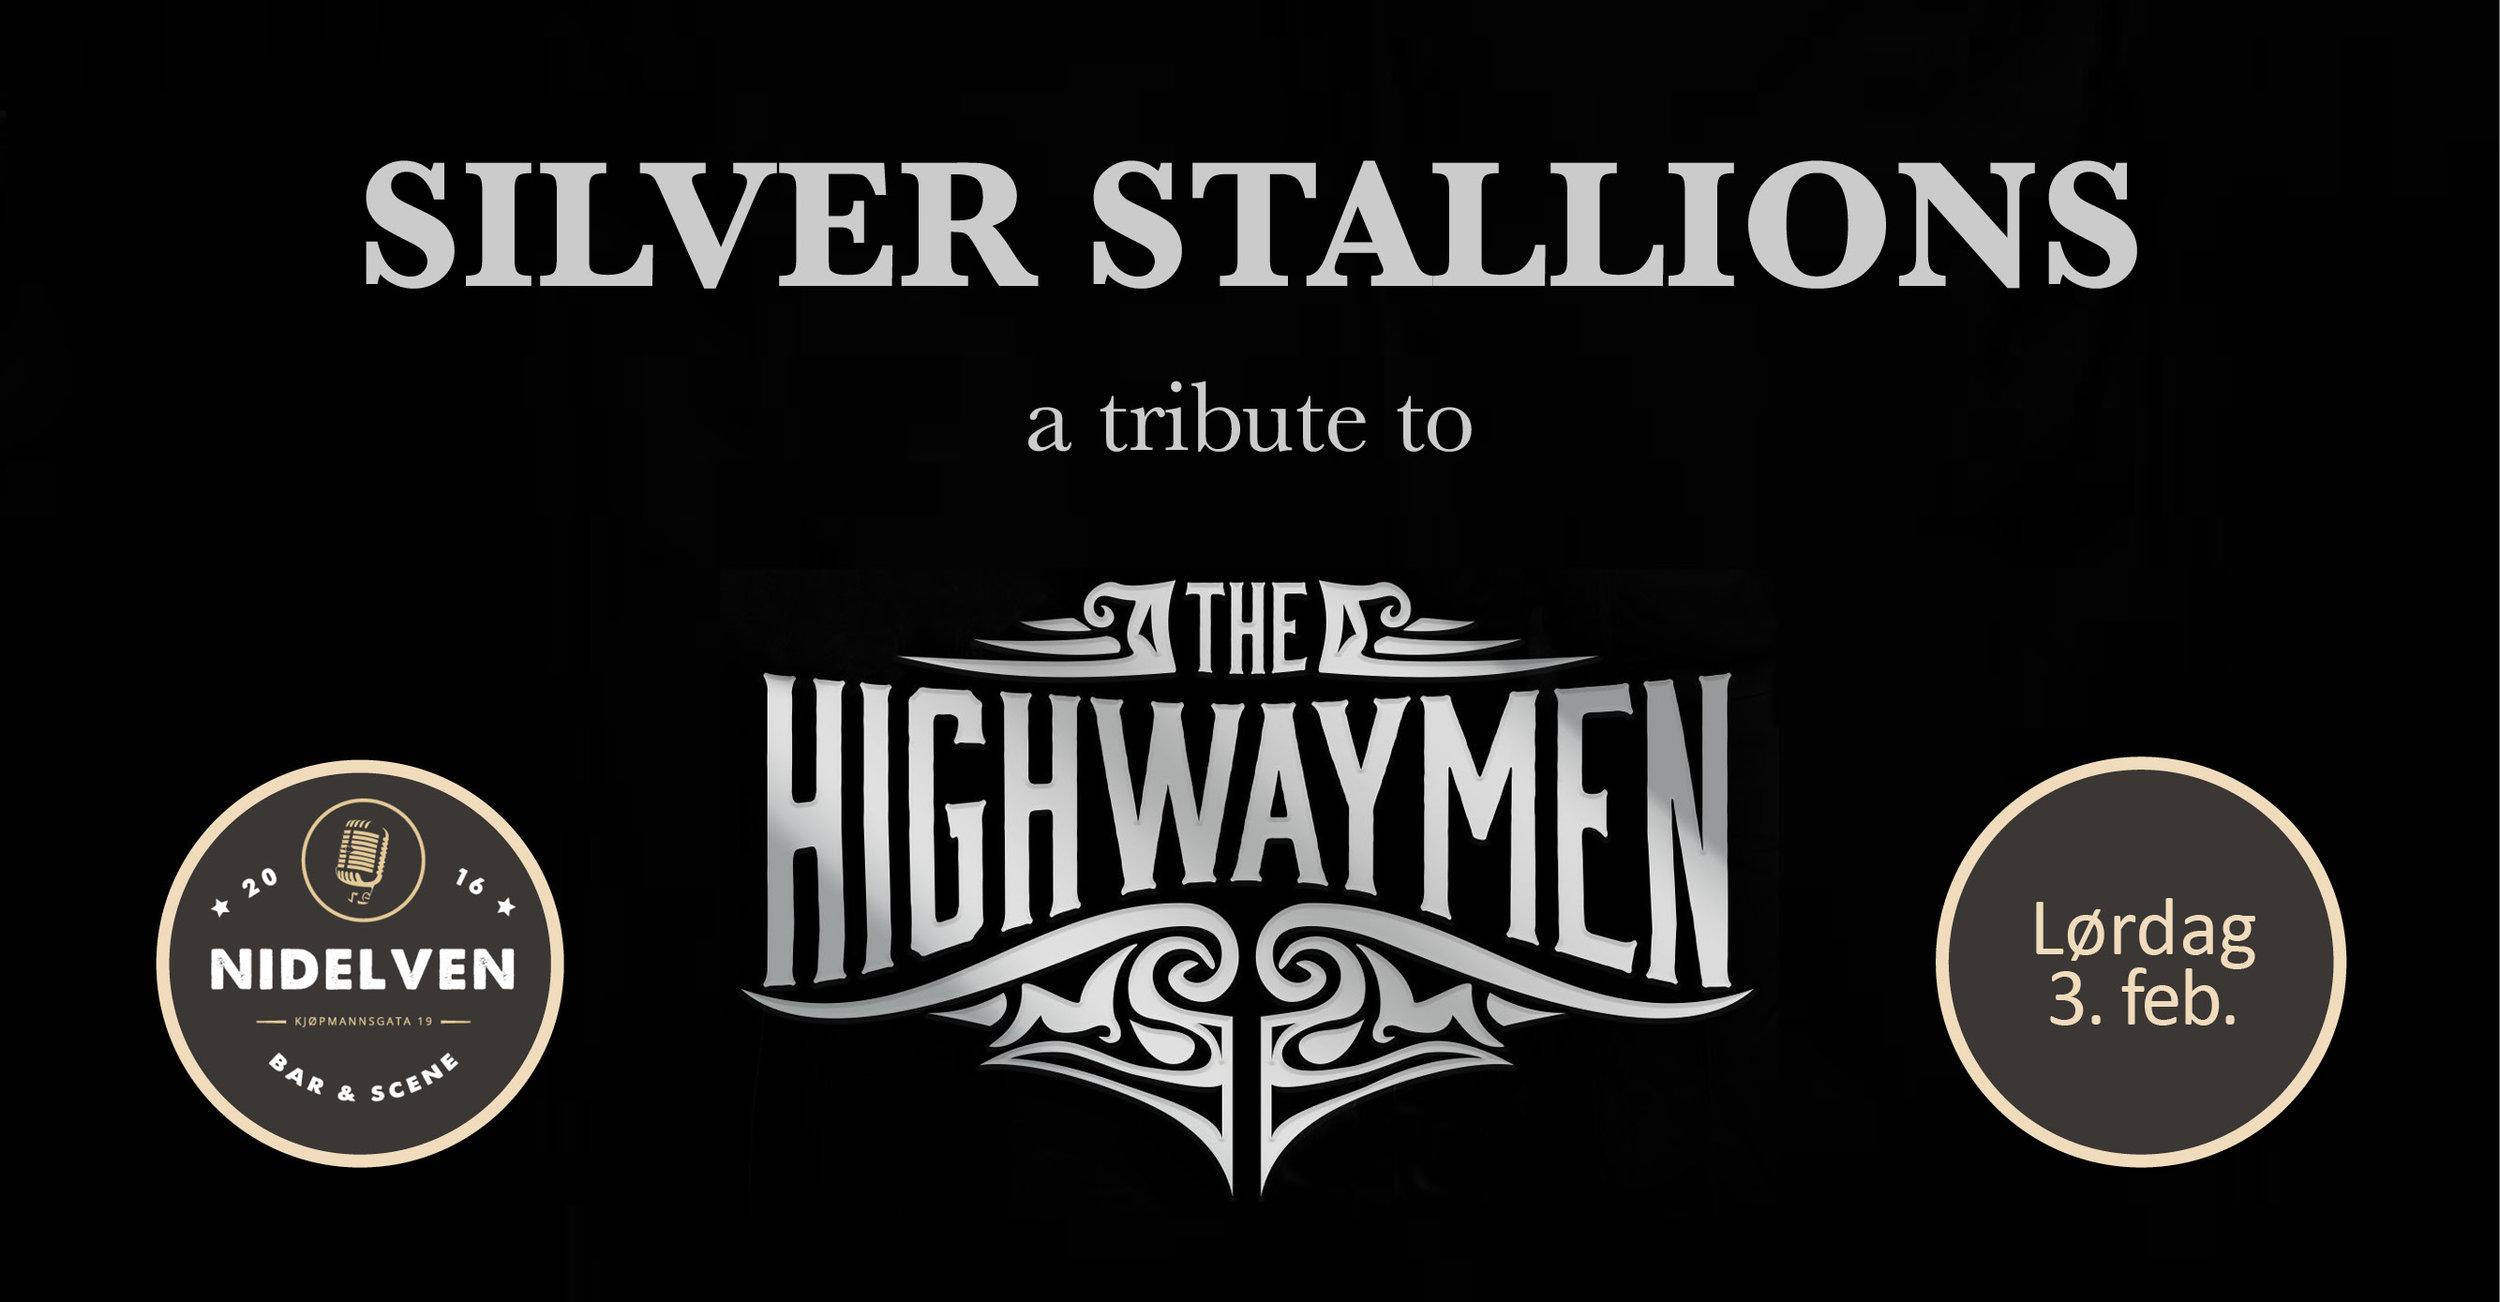 Silver Stallions - A tribute to The HigwaymenLØRDAG 3. FEBRUAR 2018Dørene åpner kl. 21:00.20 år. Bill. kr. 150,-.